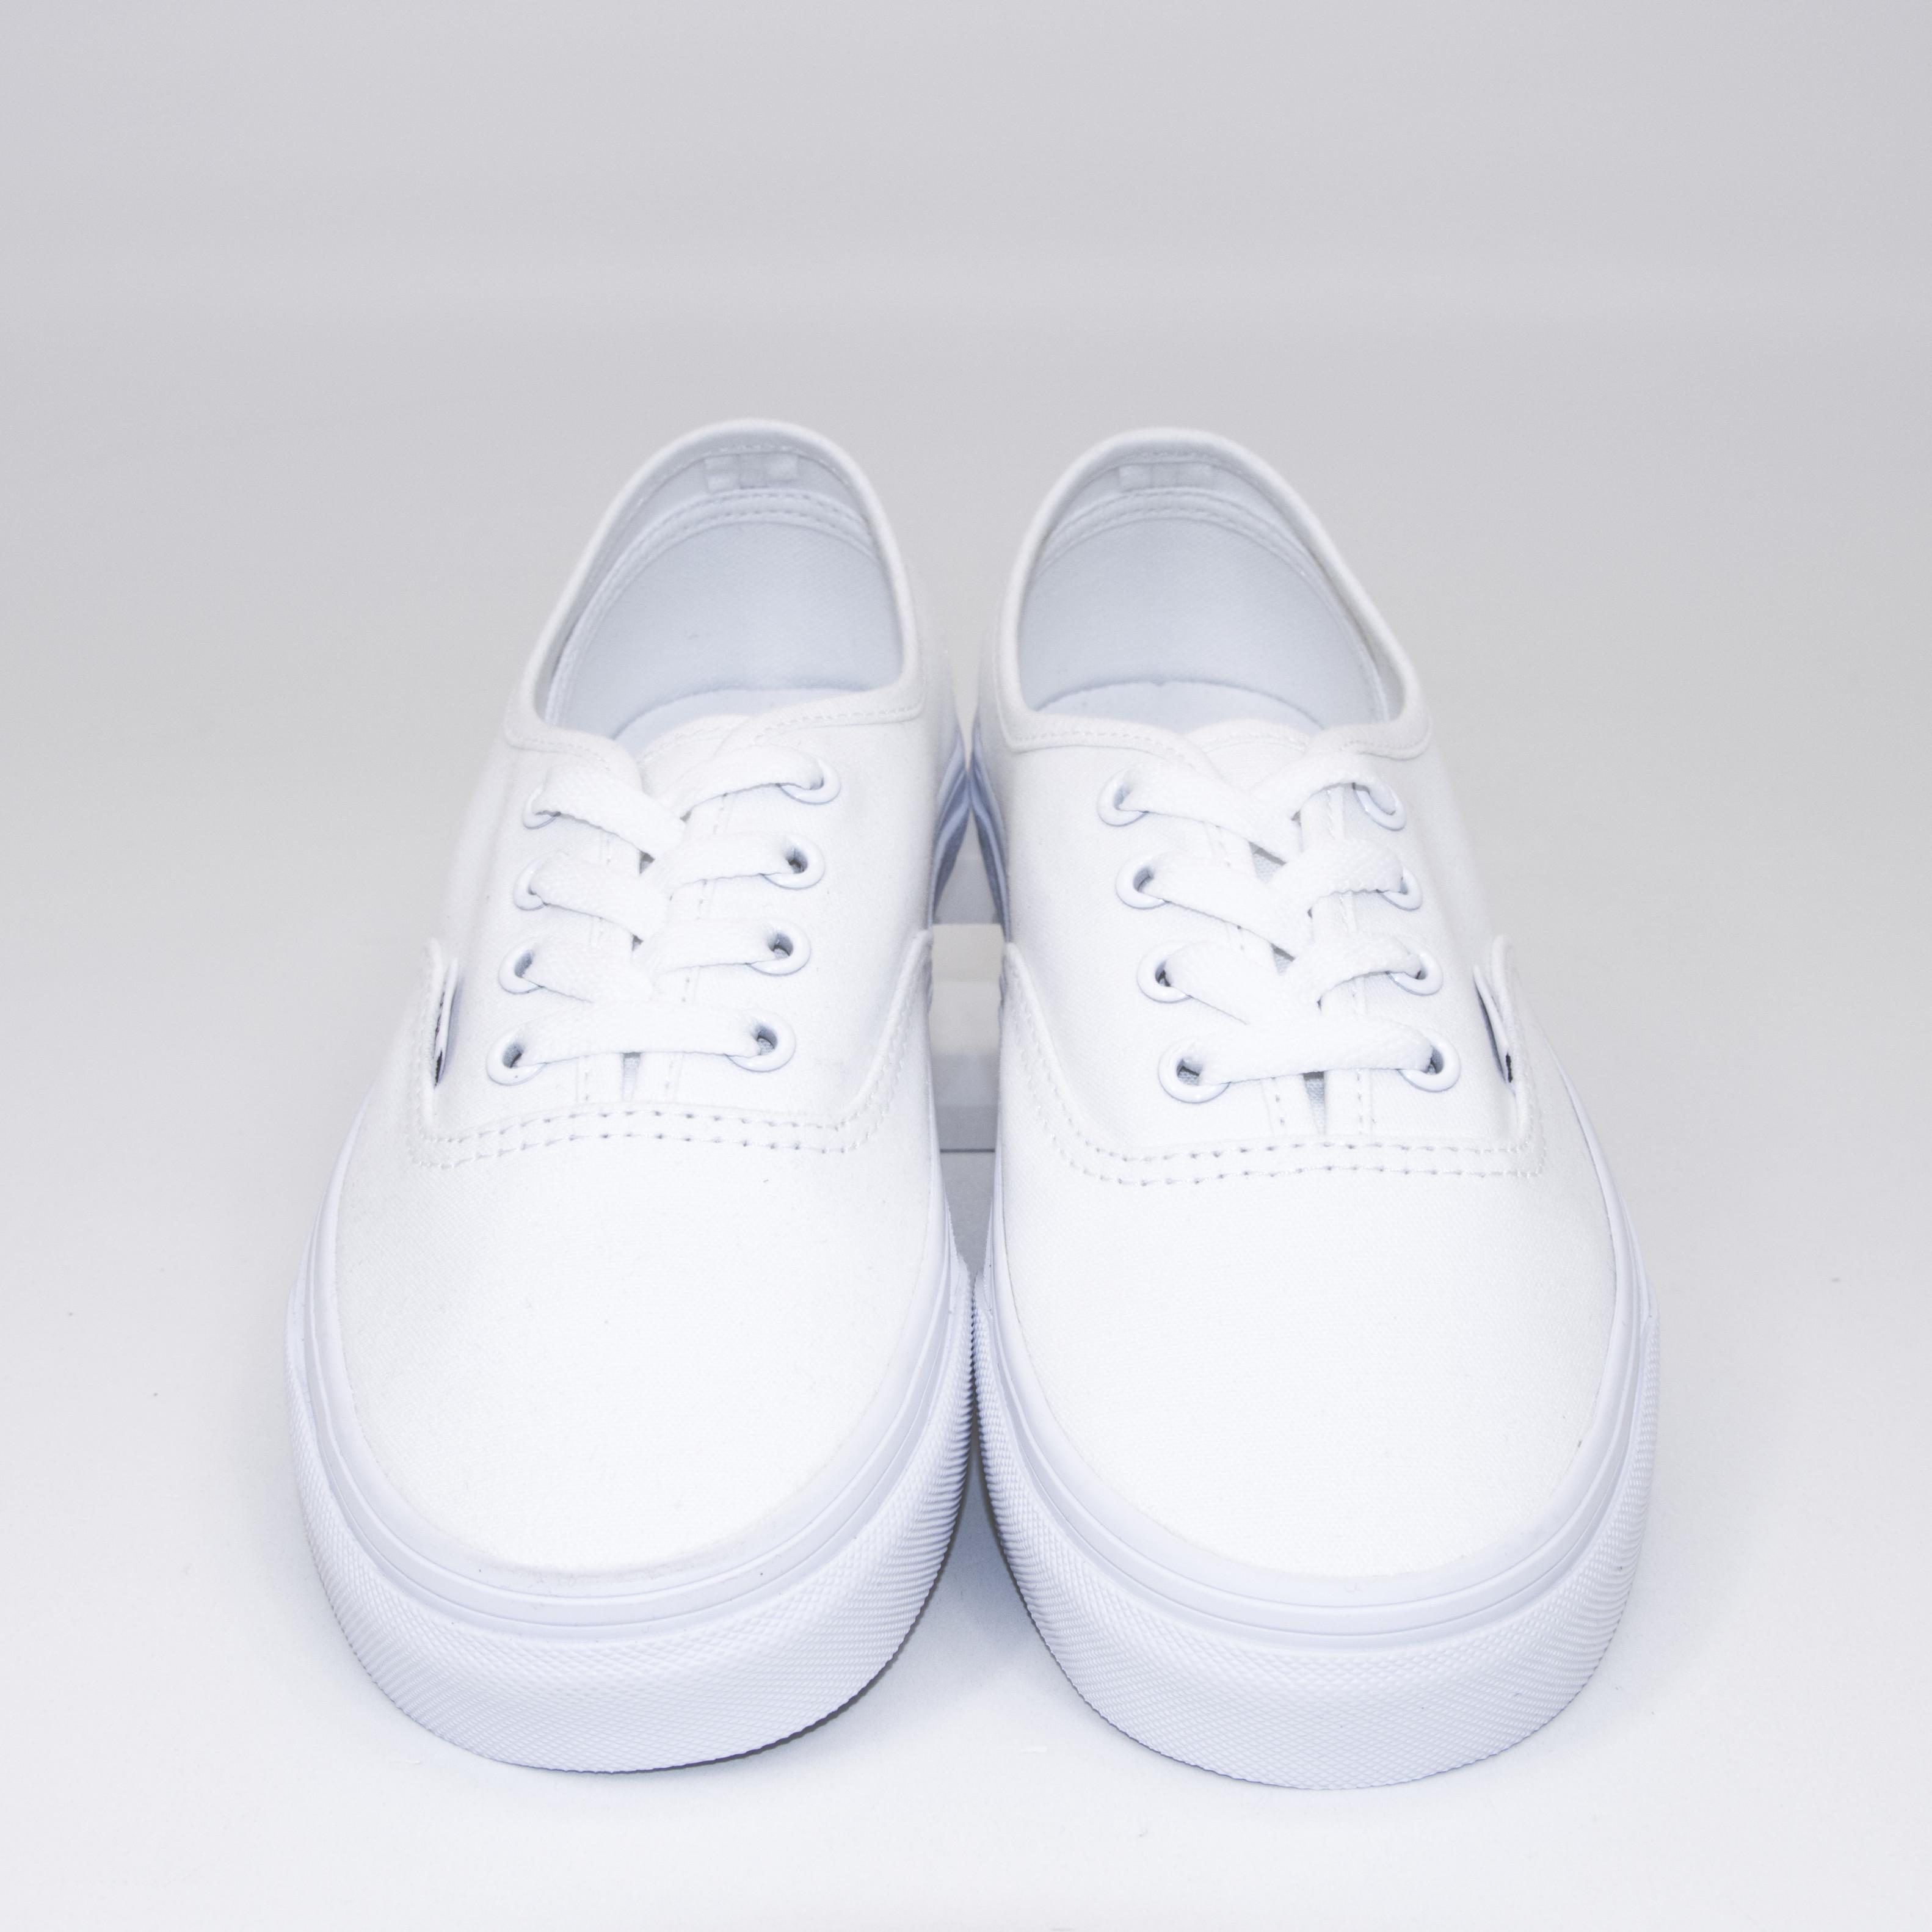 Vans - AUTHENTIC - True White